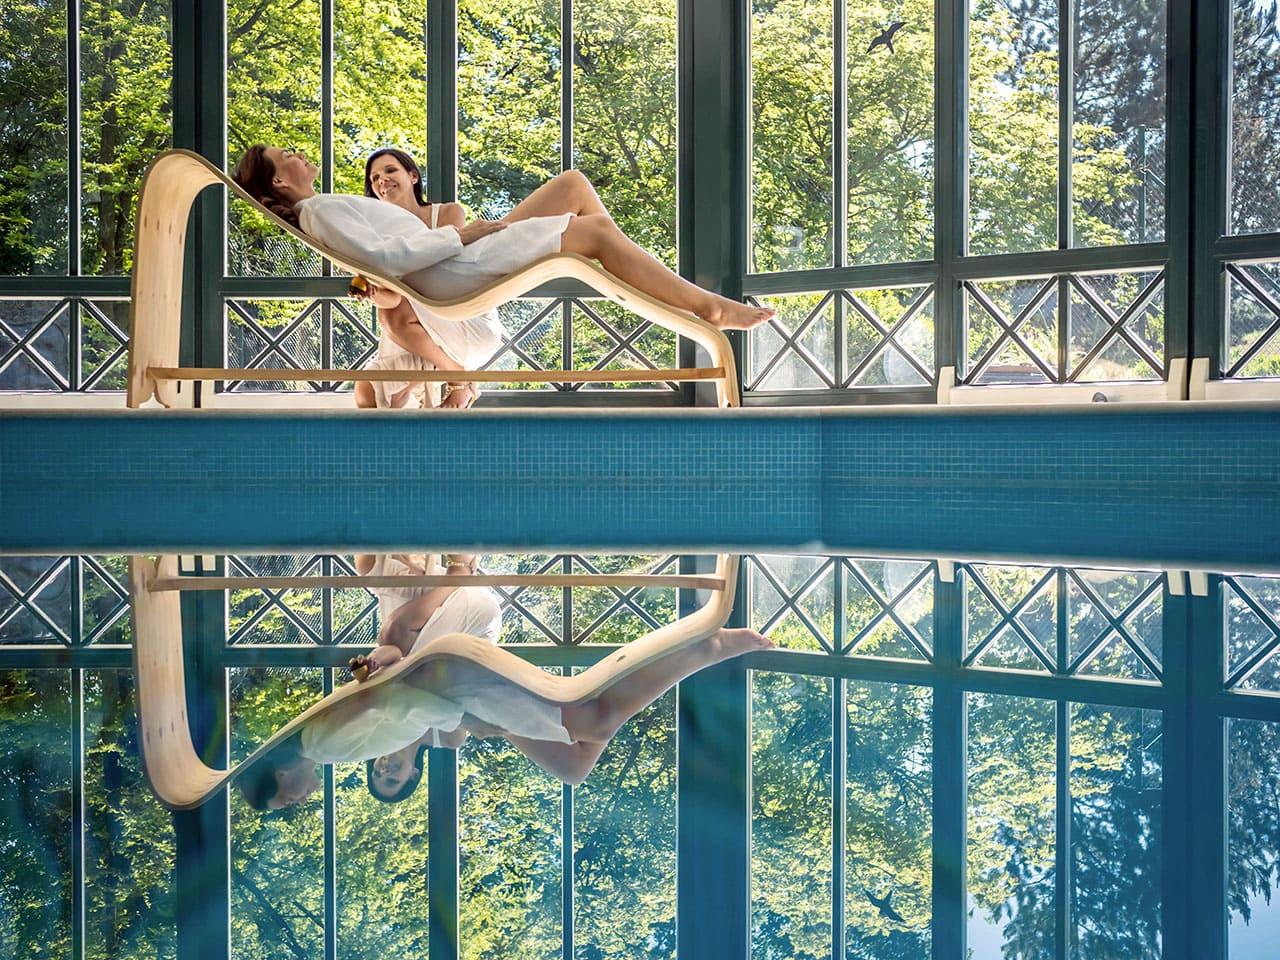 Klangeiliege im Badehaus mit zwei Frauen